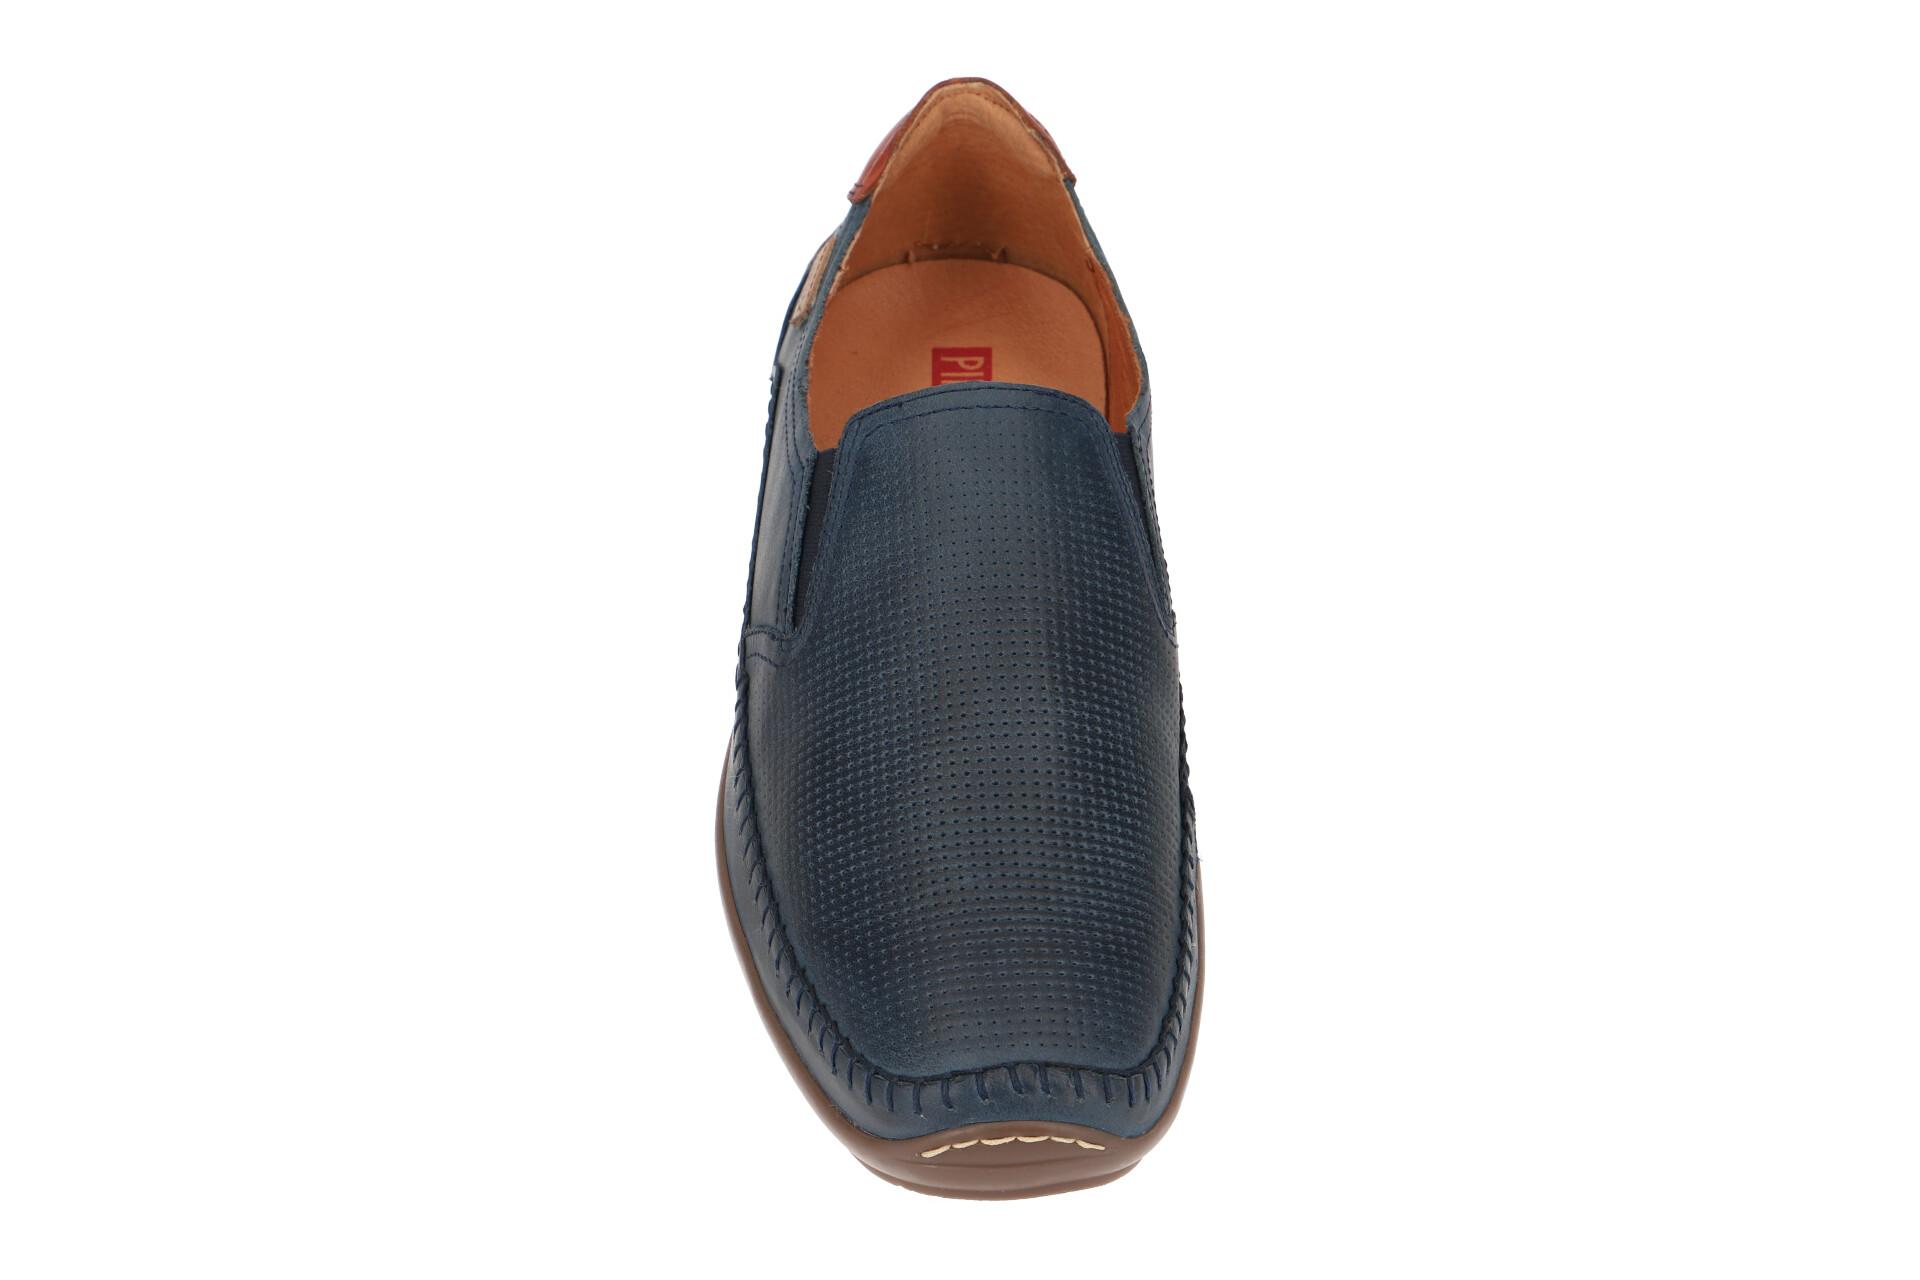 oben Herrenschuhe RICO PUERTO Schuhe Pikolinos bequeme braun